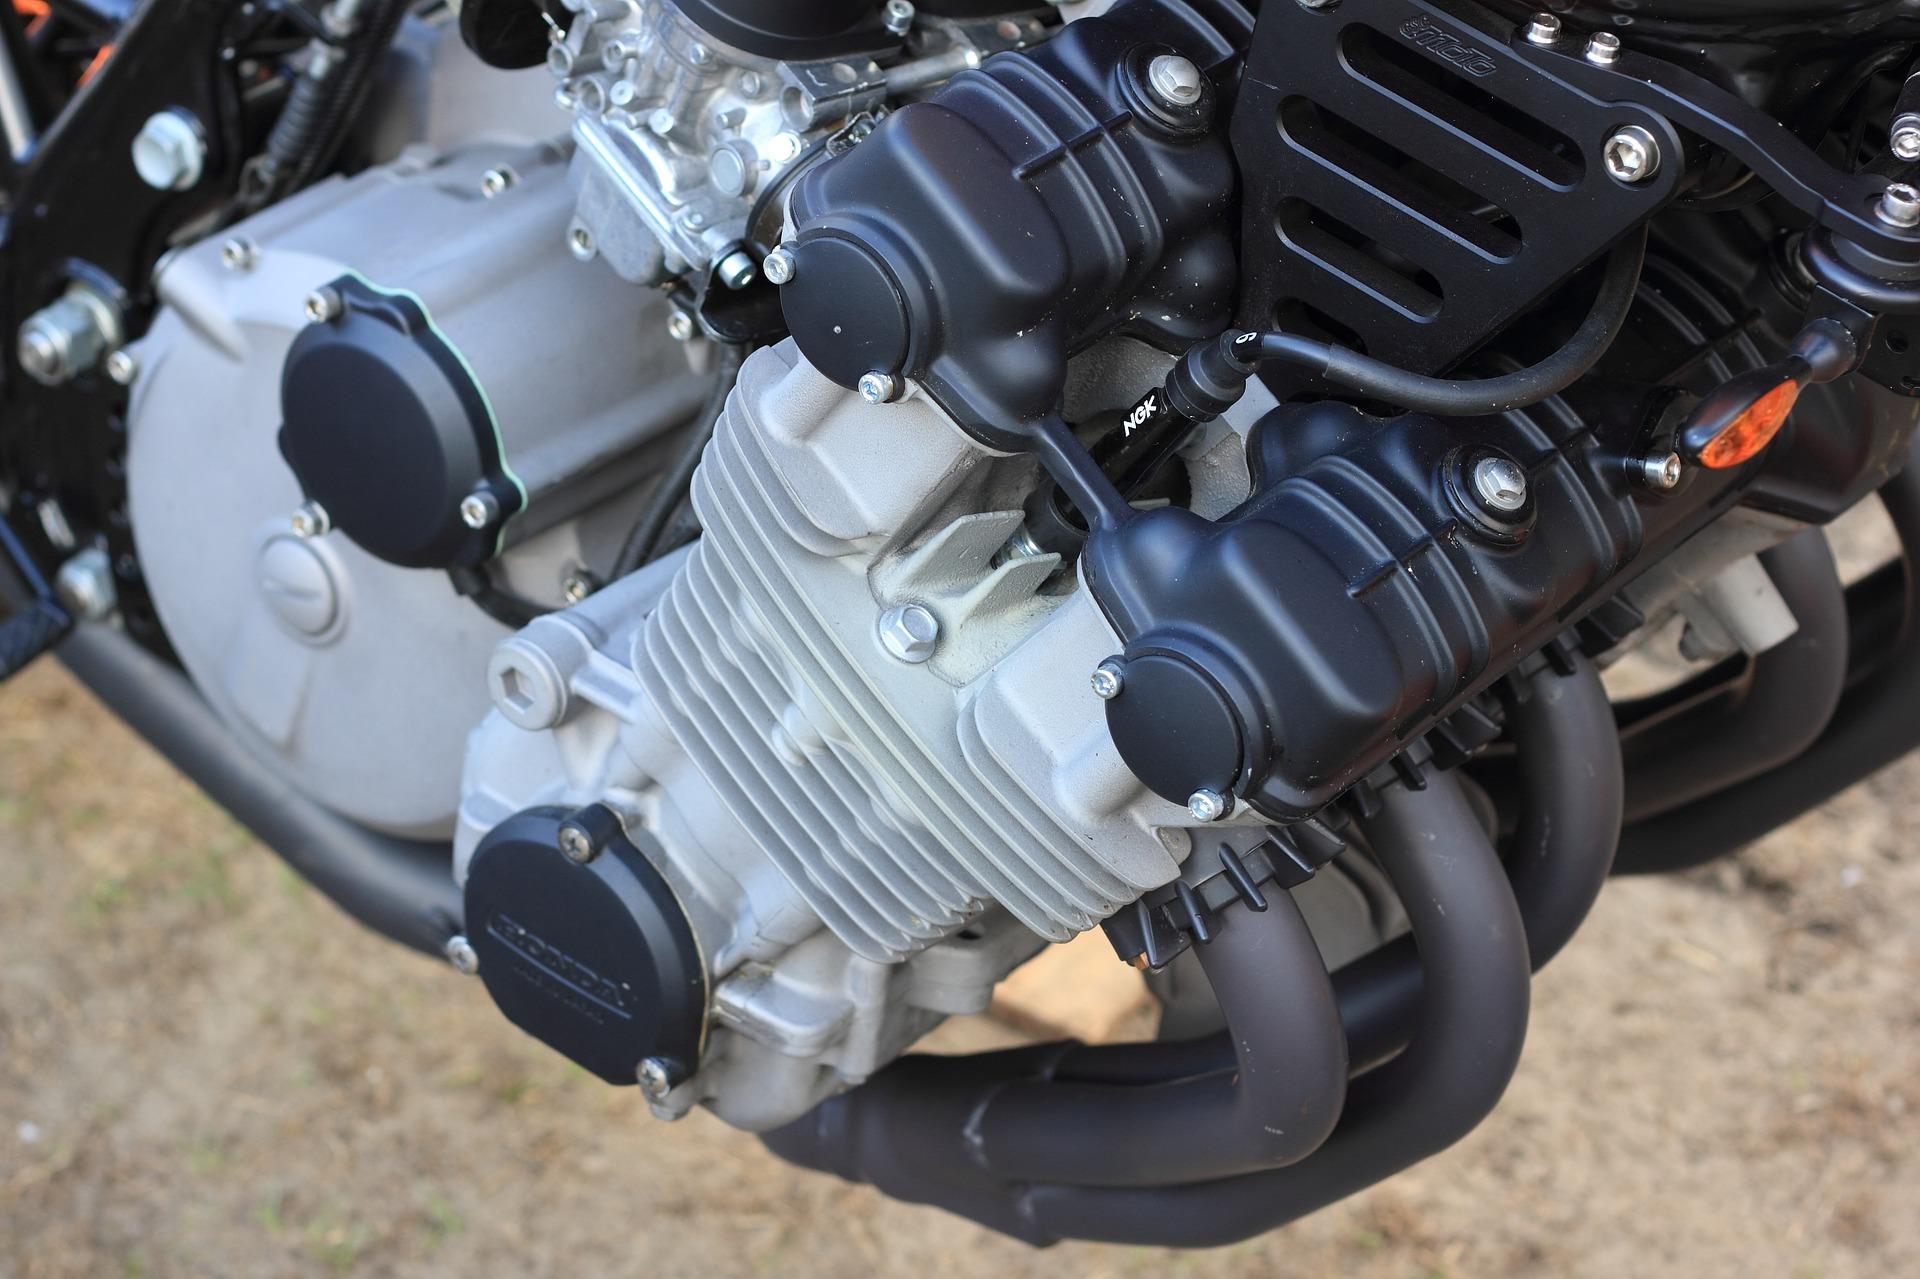 Kenali kelebihan dan Kekurangan Mesin DOHC Pada Sepeda Motor